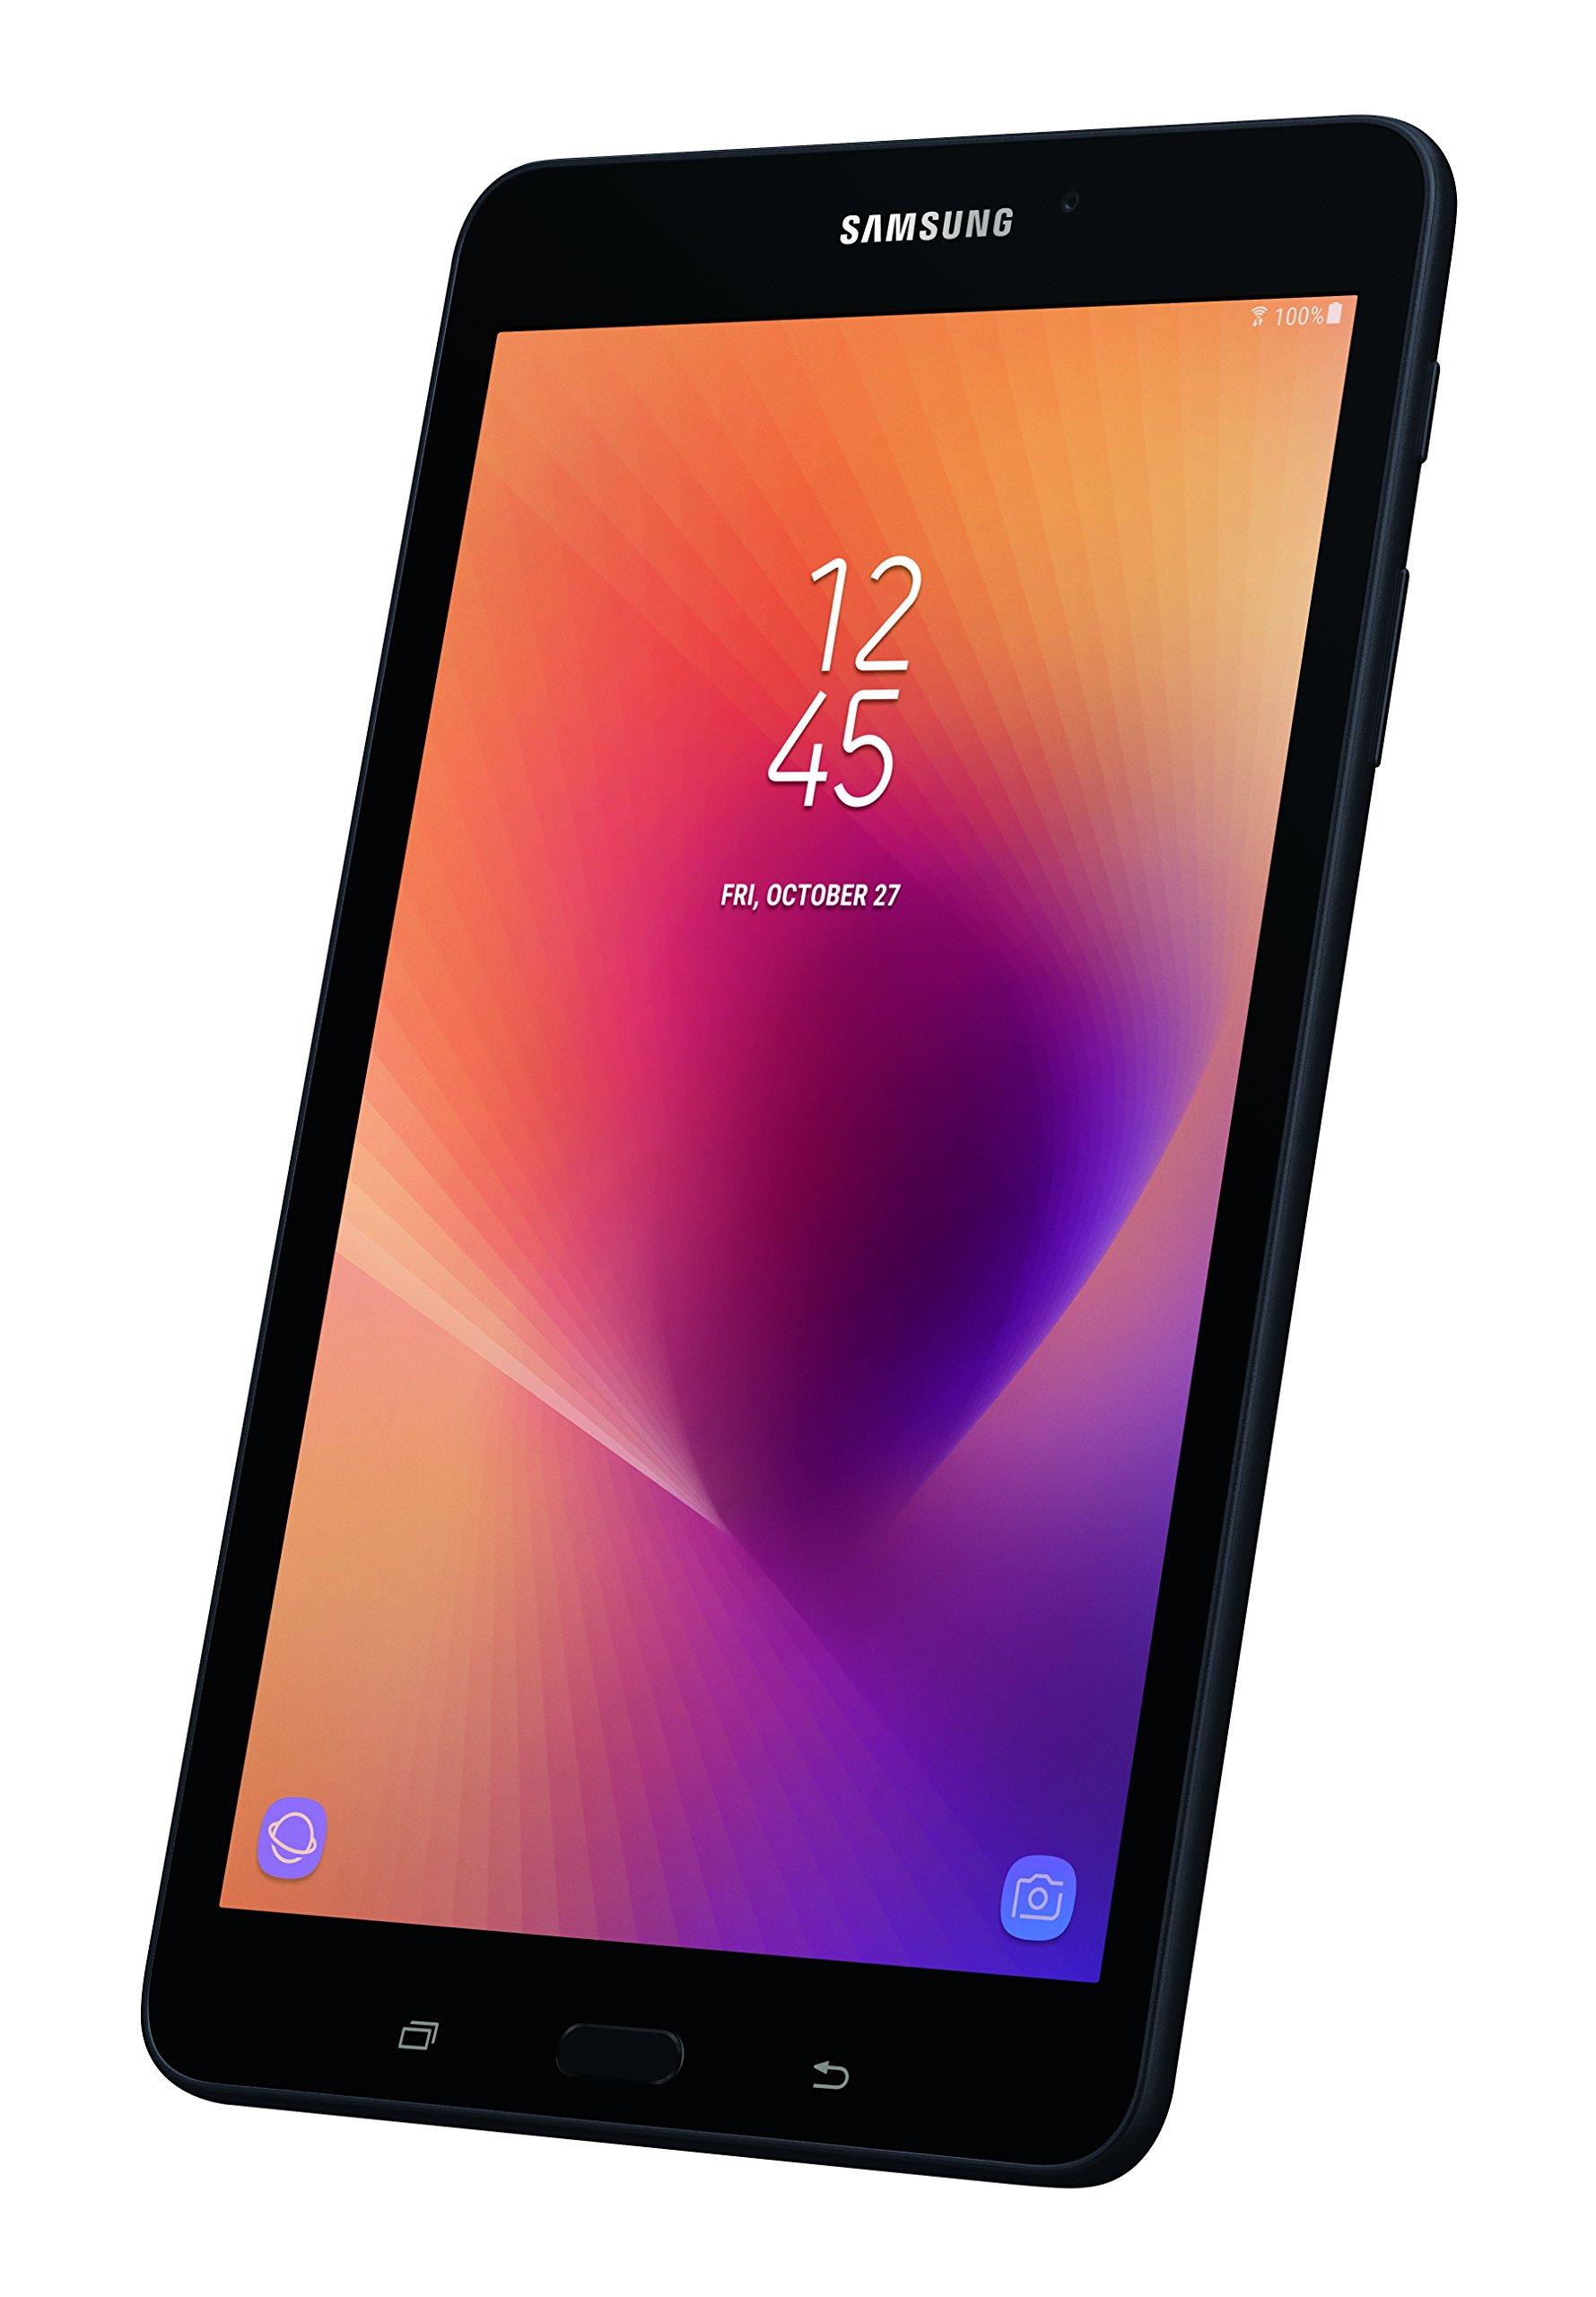 Samsung Galaxy Tab A 8'' 32 GB Wifi Tablet (Black) - SM-T380NZKEXAR by Samsung